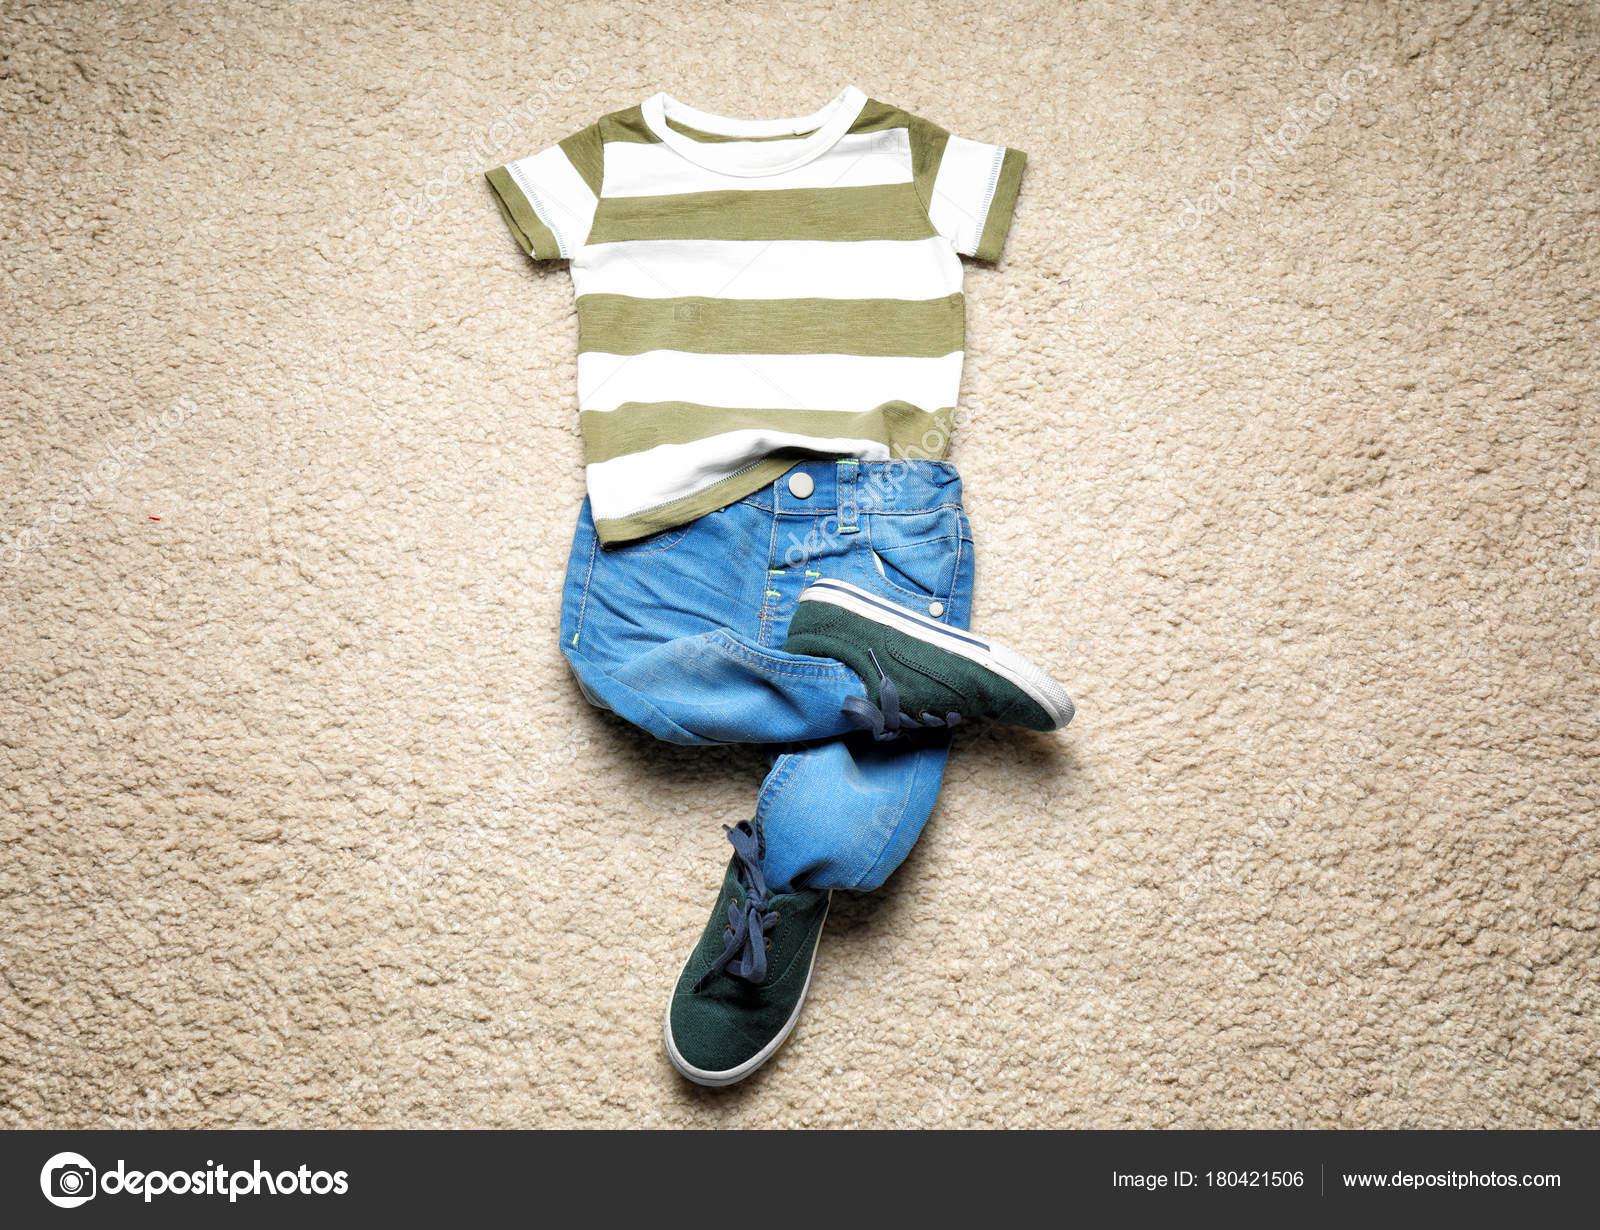 4ca87e3cc2c Σύνθεση Μοντέρνα Παιδιά Ρούχα Στο Χαλί — Φωτογραφία Αρχείου ...